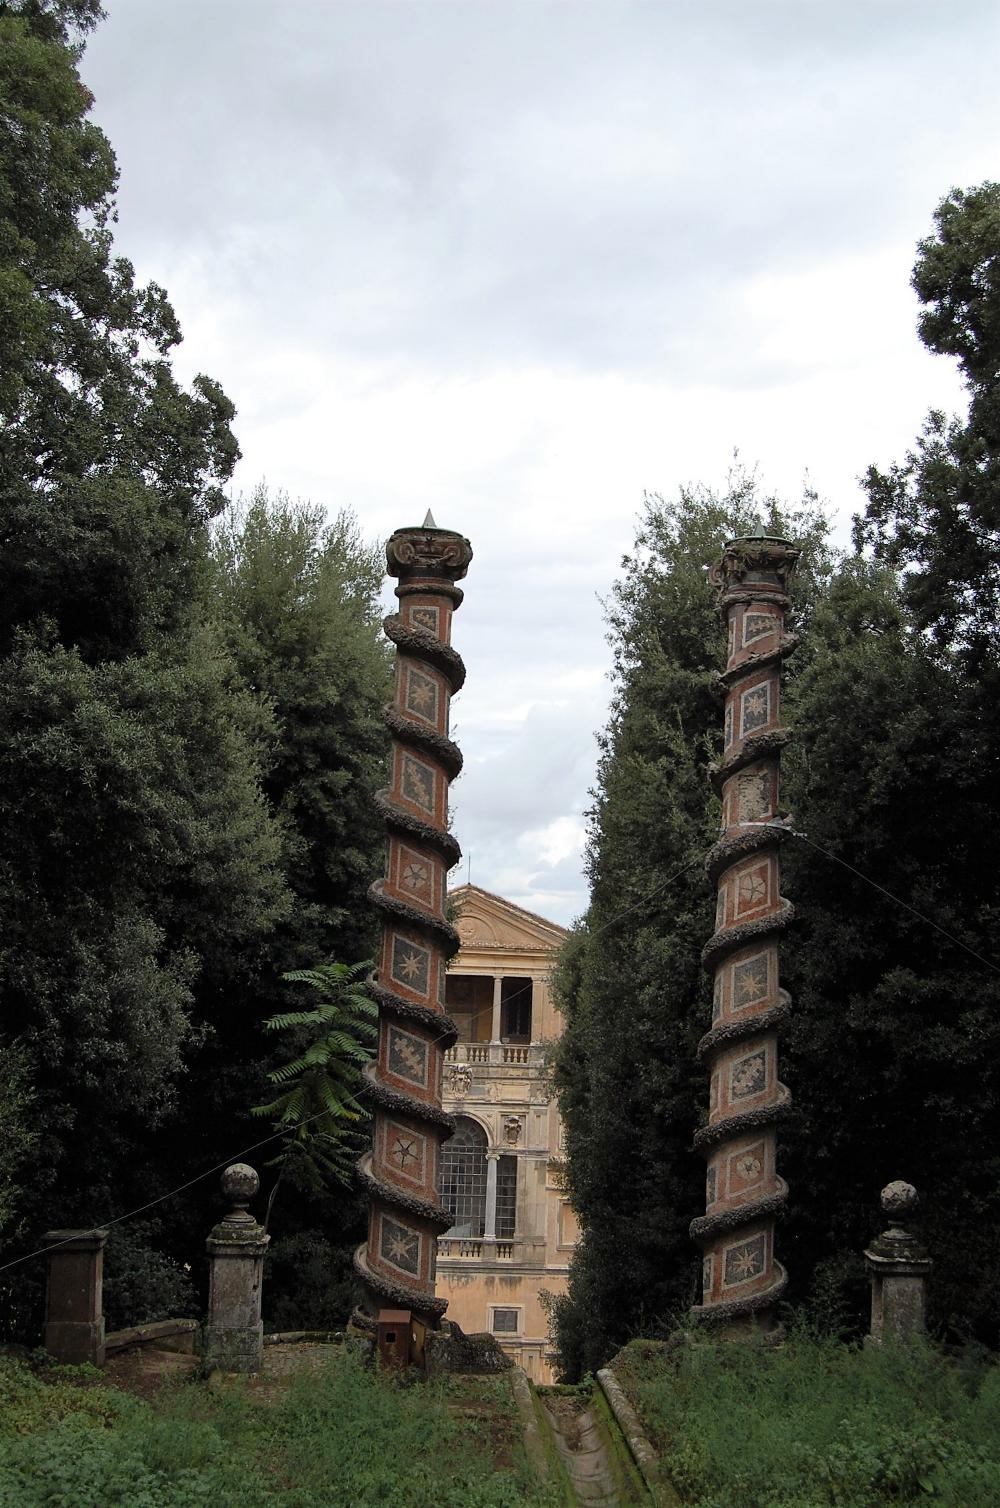 rocaille-blog-villa-aldobrandini-frascati-giardino (26)